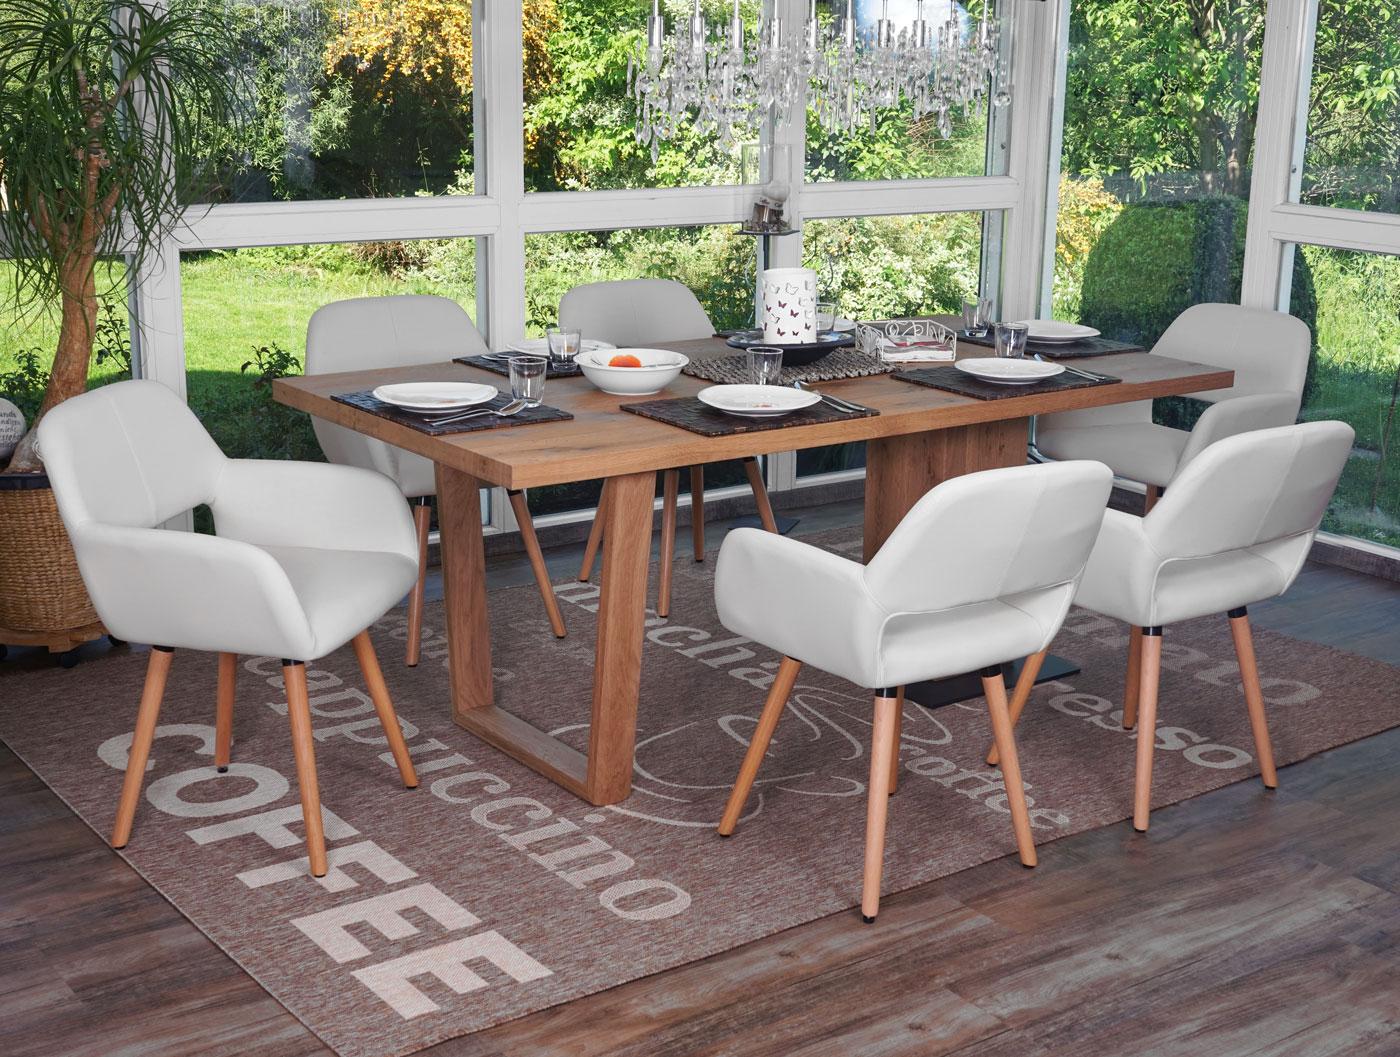 Sedie Sala Da Pranzo Ecopelle : Arredo oggi lo shop online per l arredamento e il design a prezzi